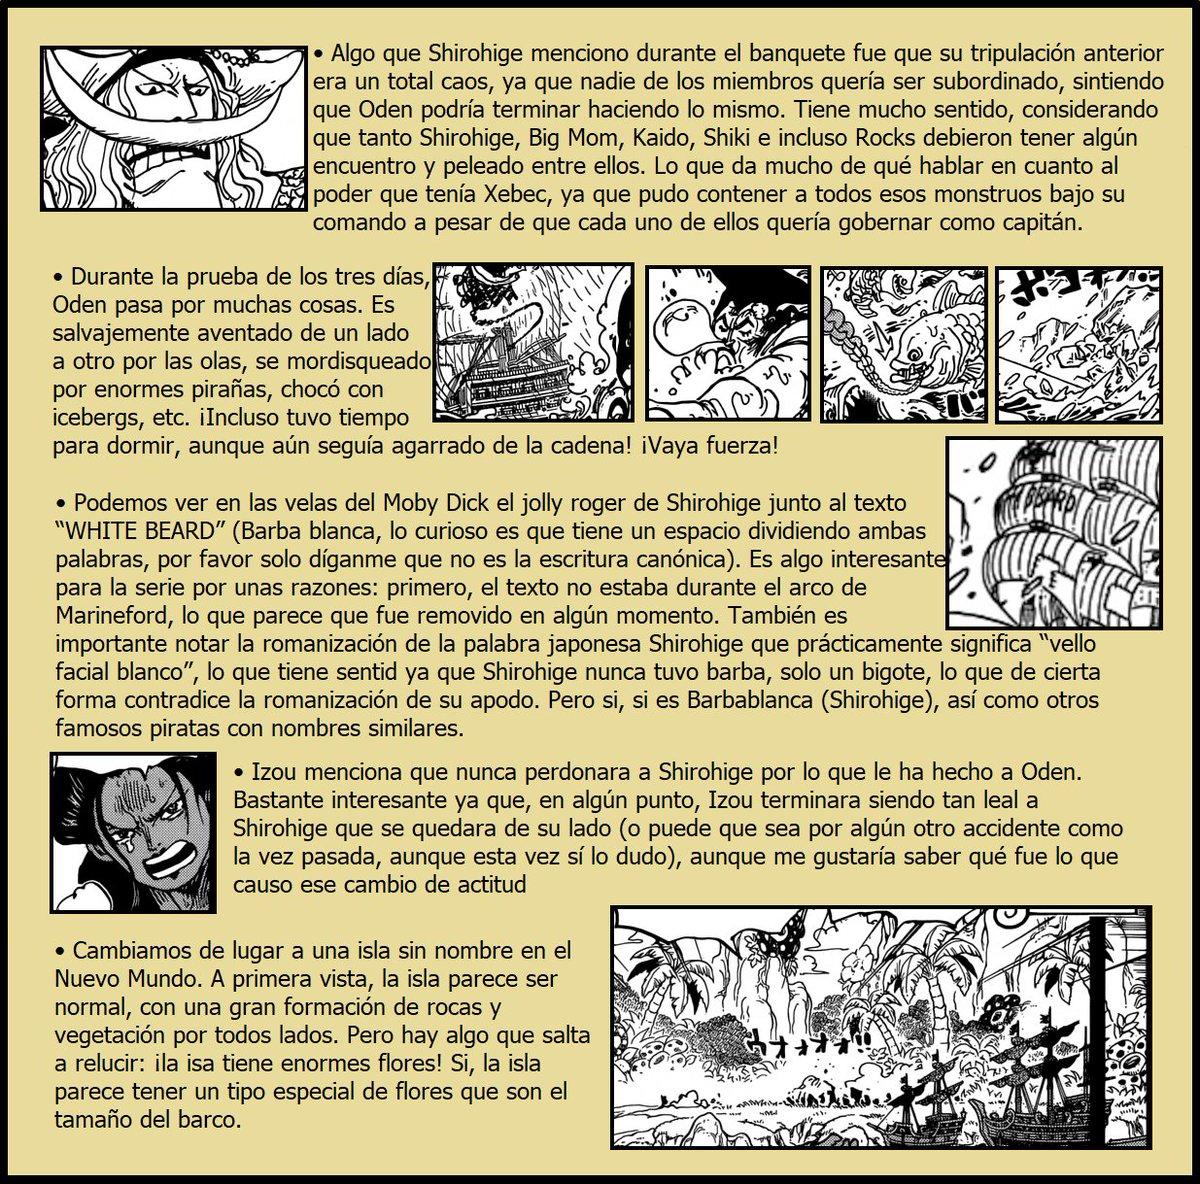 Secretos & Curiosidades - One Piece Manga 964 03